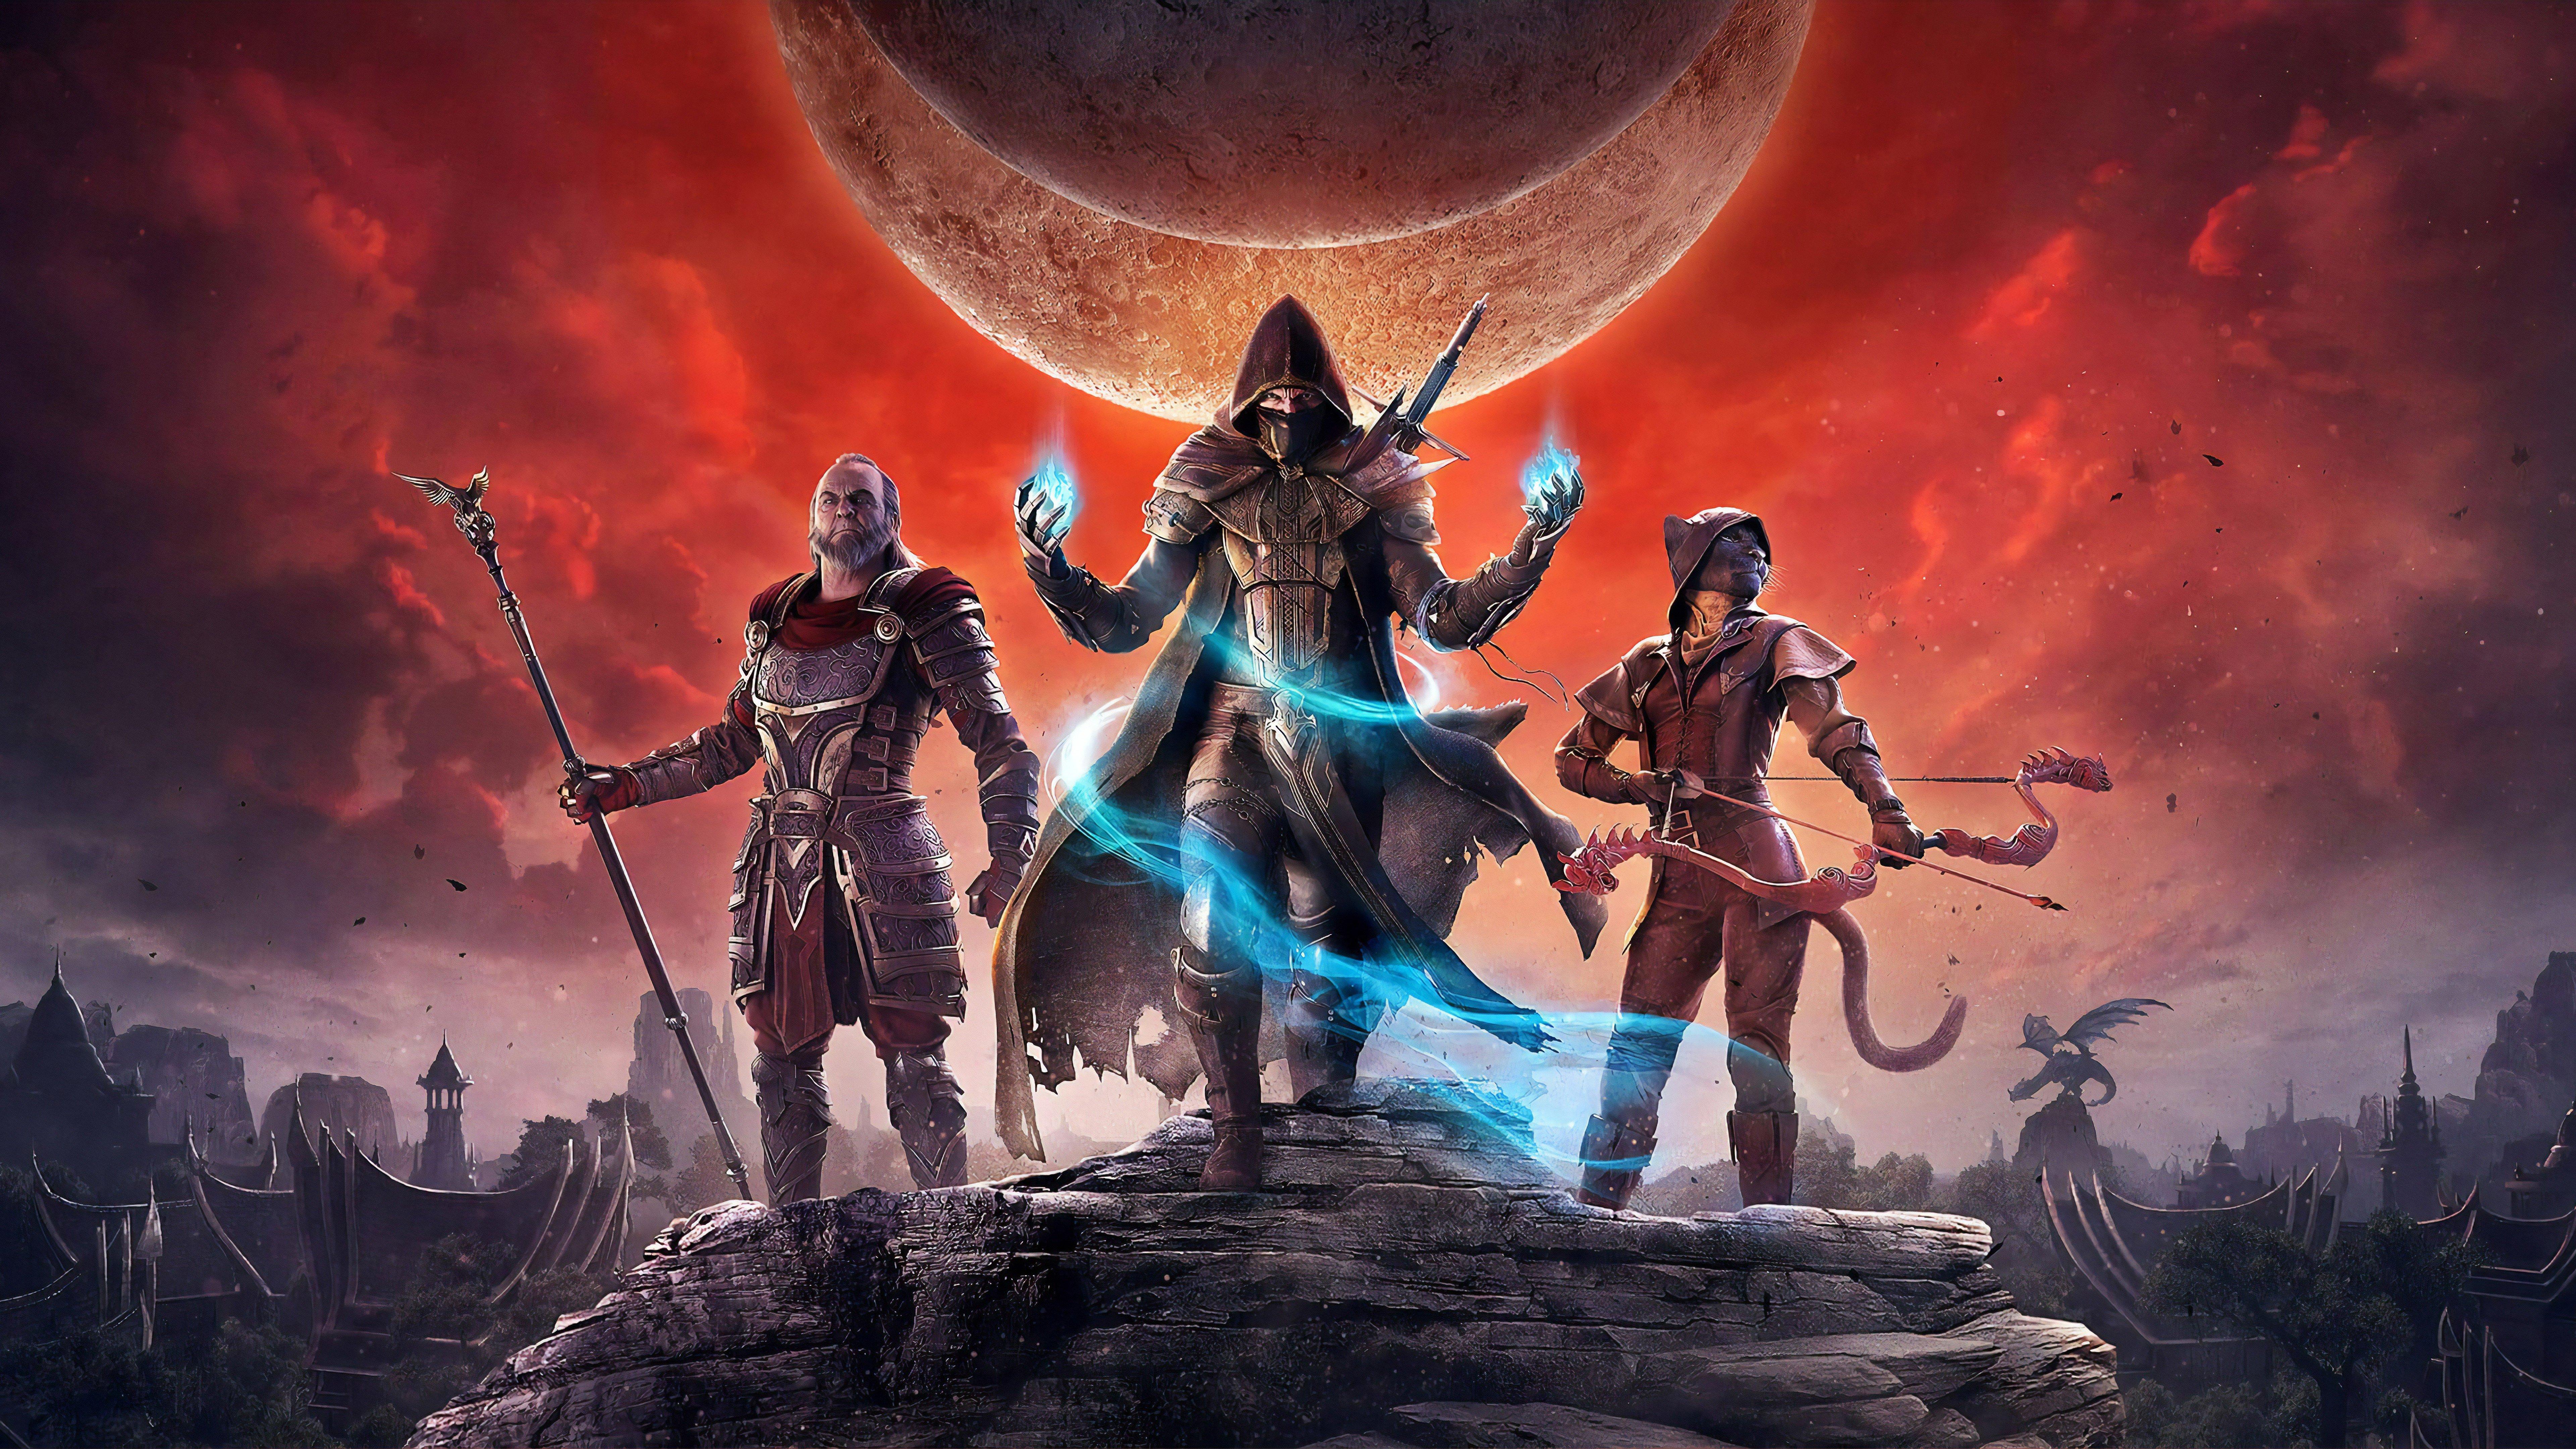 Fondos de pantalla Juego The Elder Scrolls